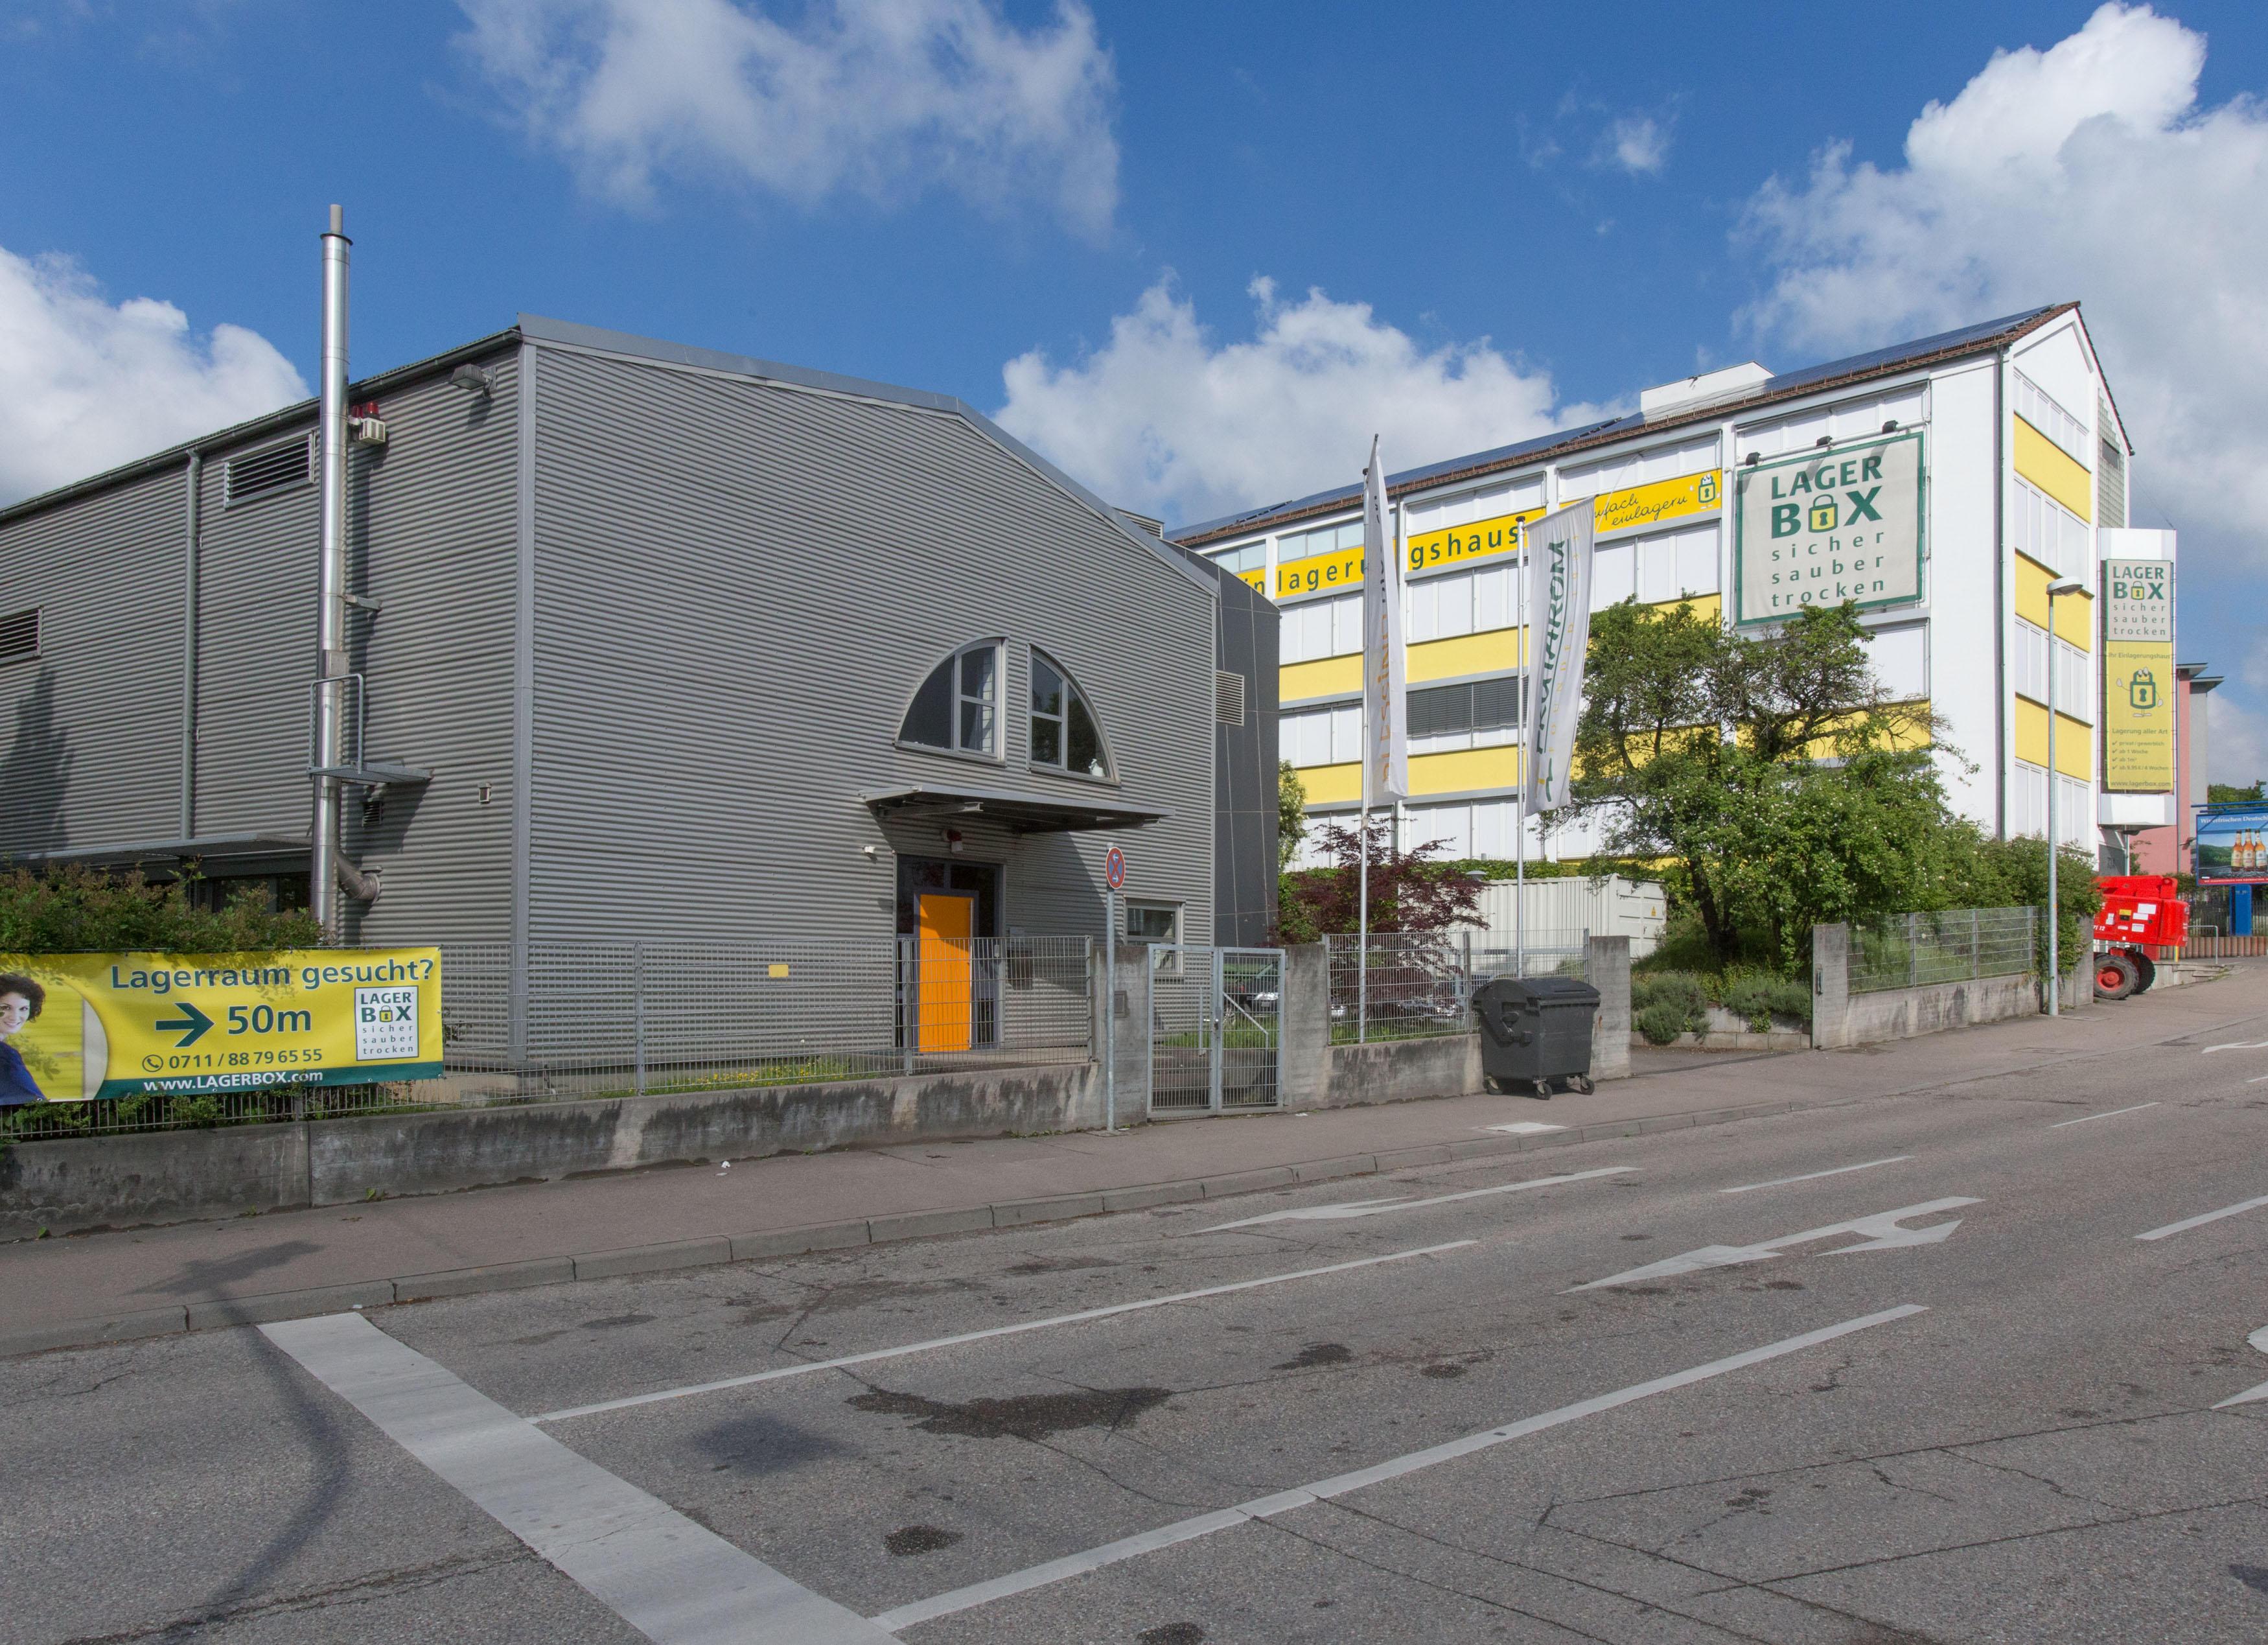 LAGERBOX Stuttgart